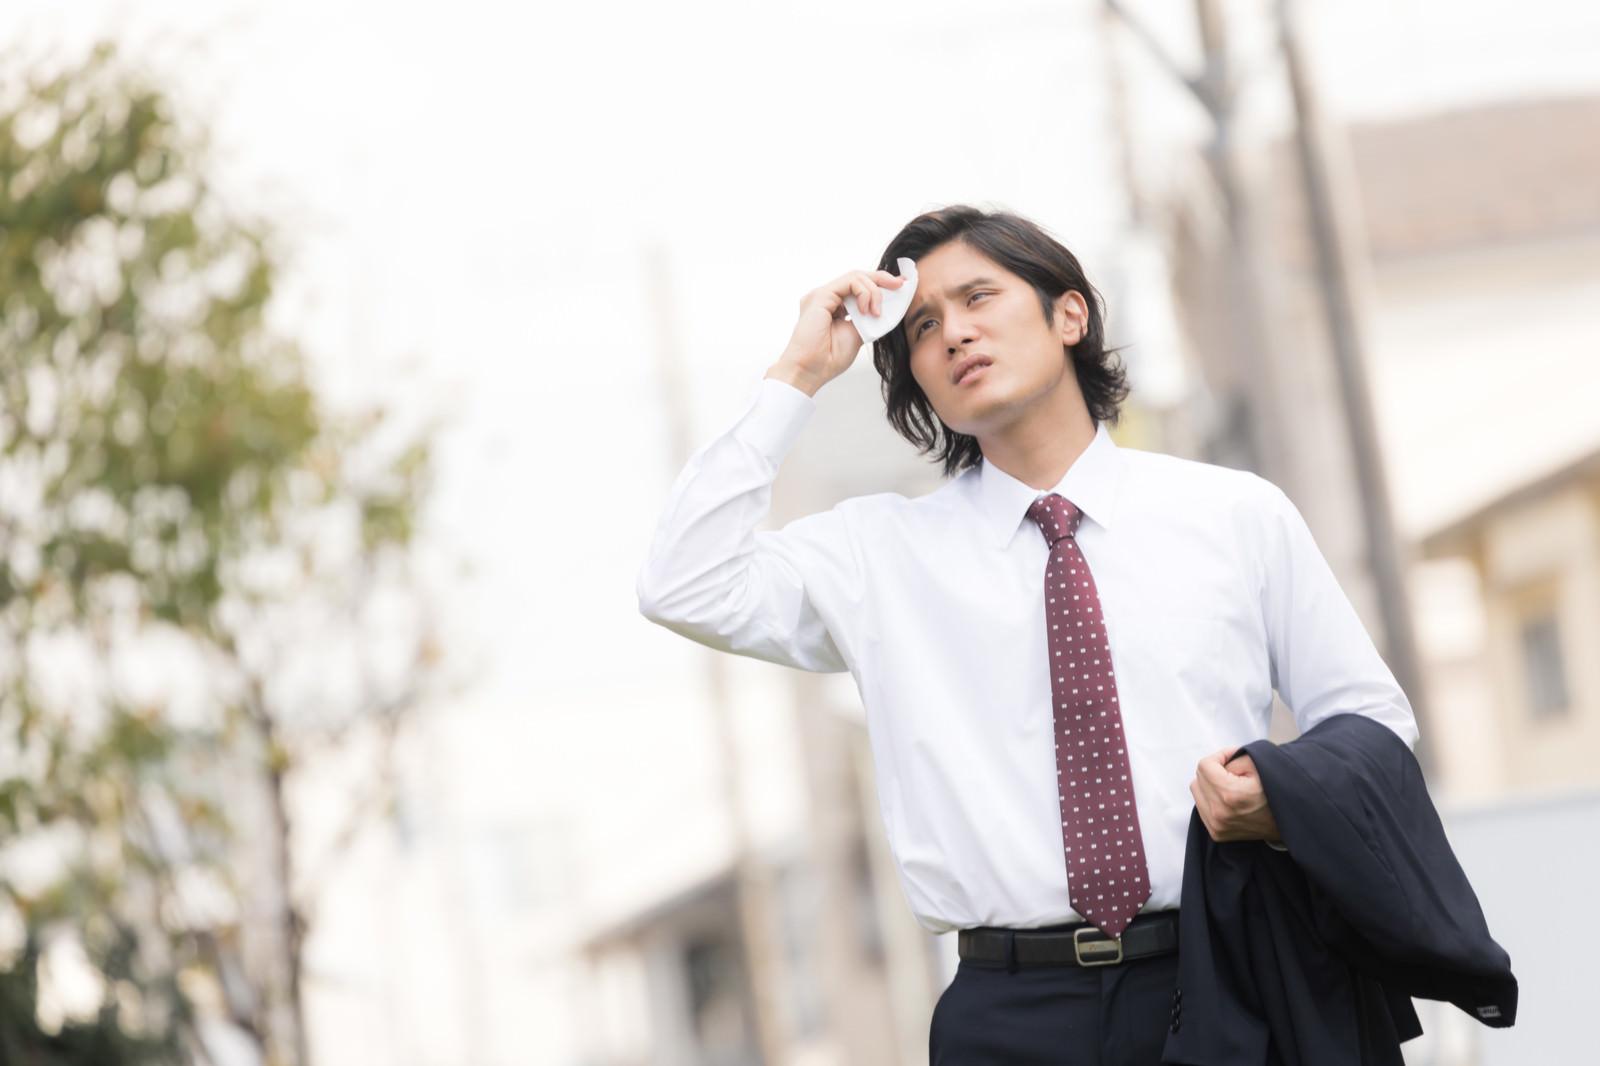 「暑くて上着を脱ぐサラリーマン(営業中の外回り)」の写真[モデル:竹田匡宏]